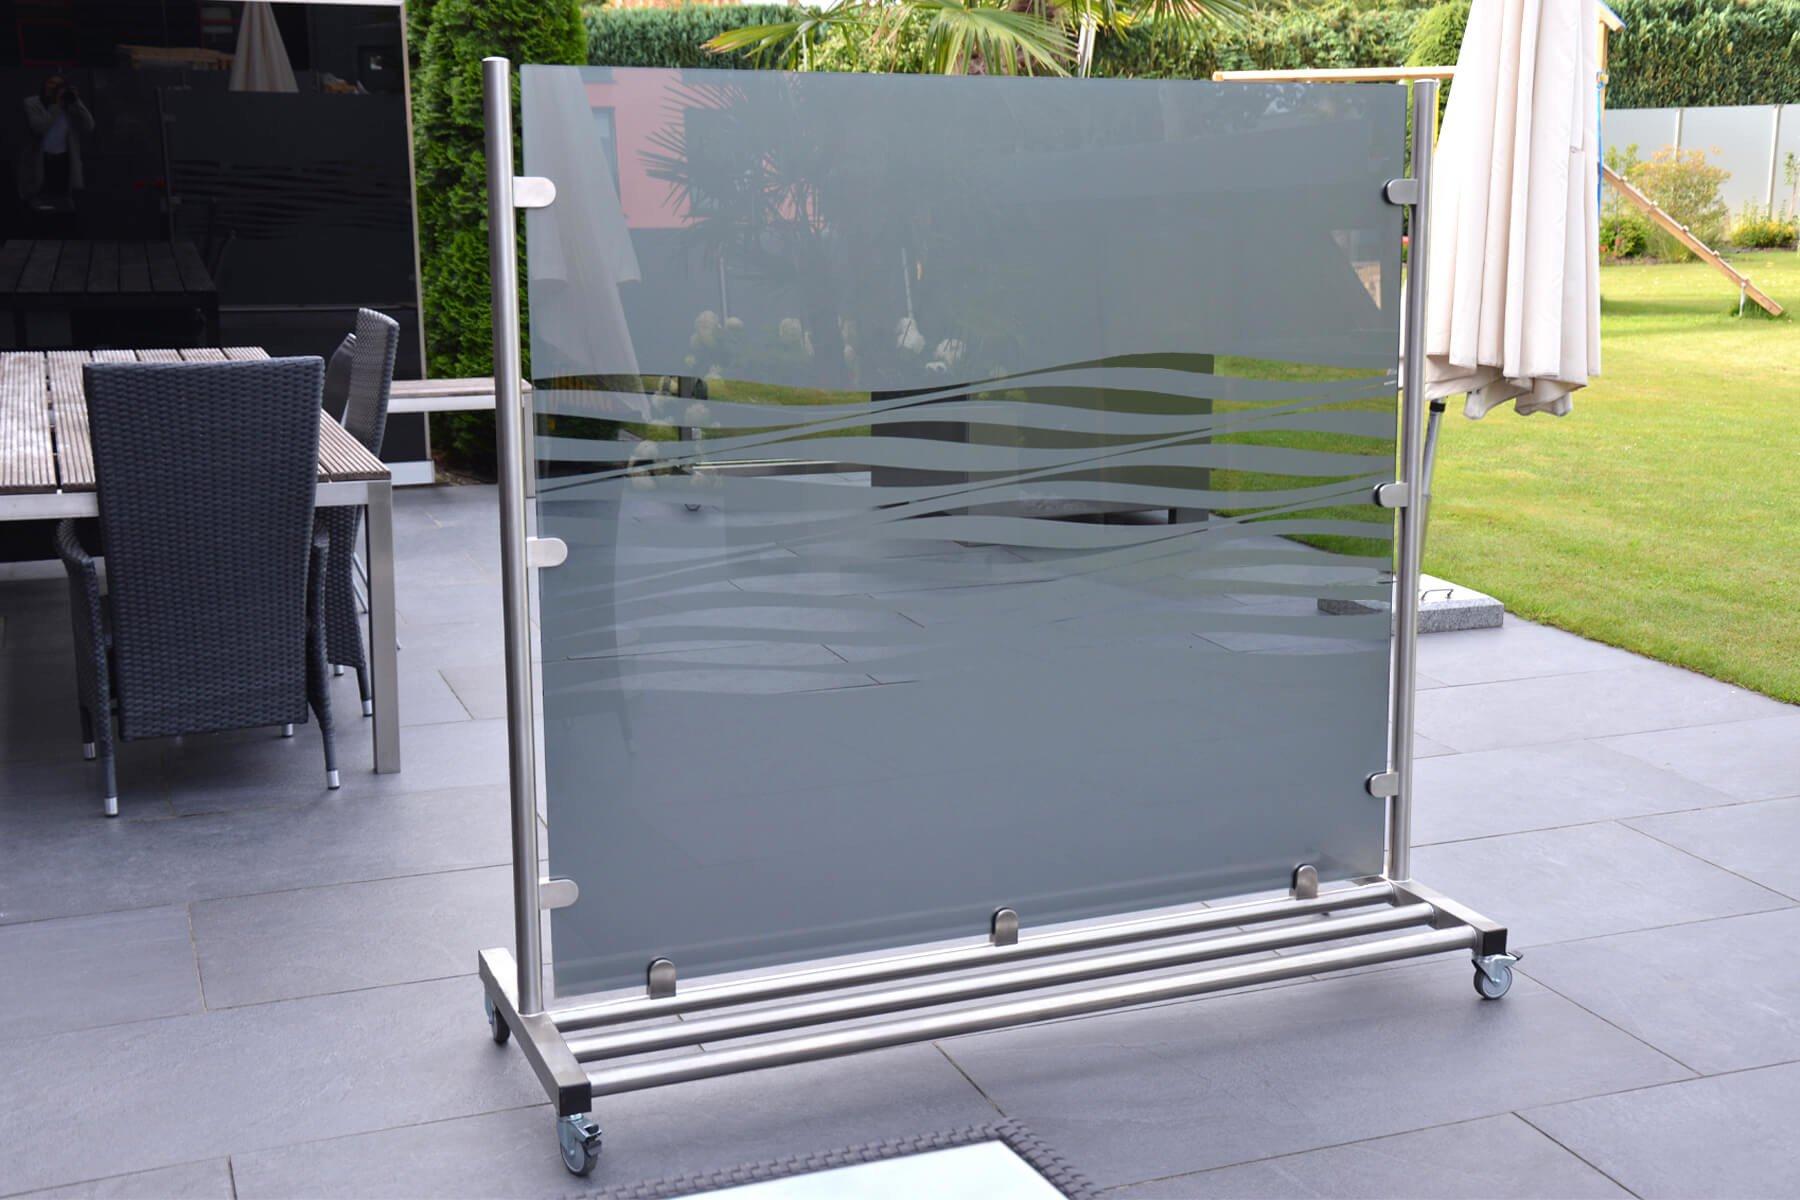 mobiler-windschutz-sichtschutz-auf-rollen-fahrbar- Fuer-jeden-aussenbereich-individuell-gestaltbar-mit-satiniertem-glas